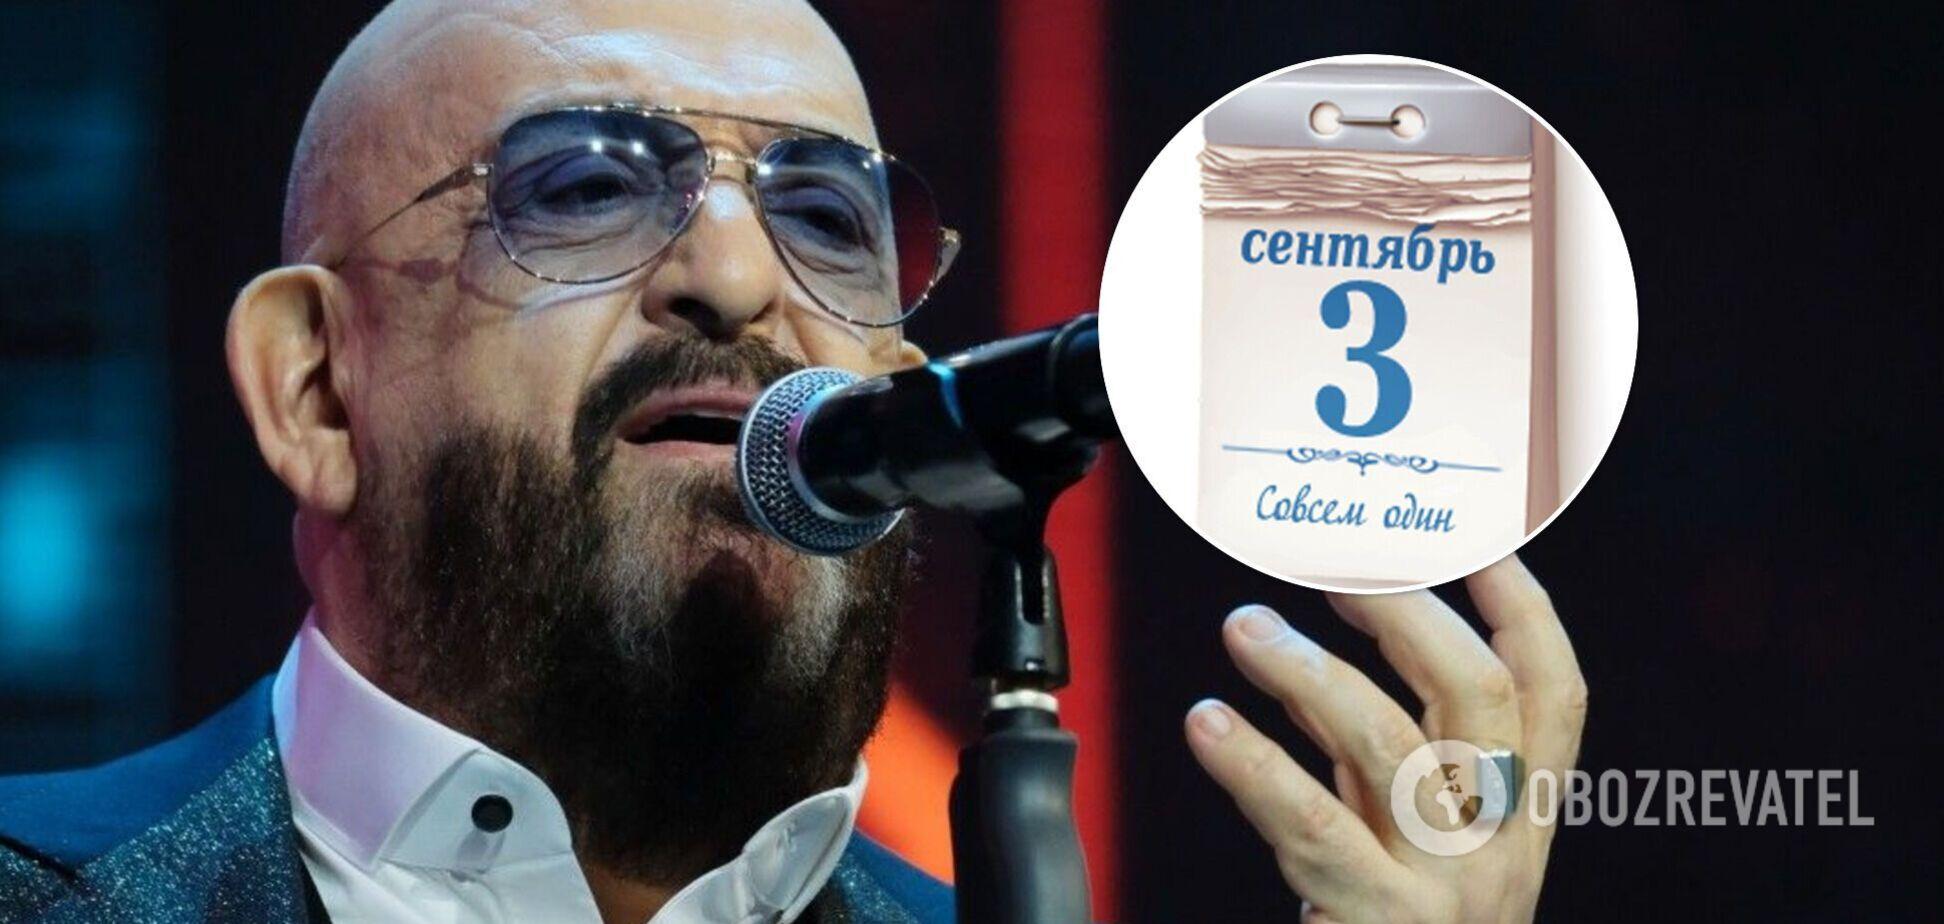 Главный секрет песни Шуфутинского о 3 сентября кроется в одном слове: признание продюсера